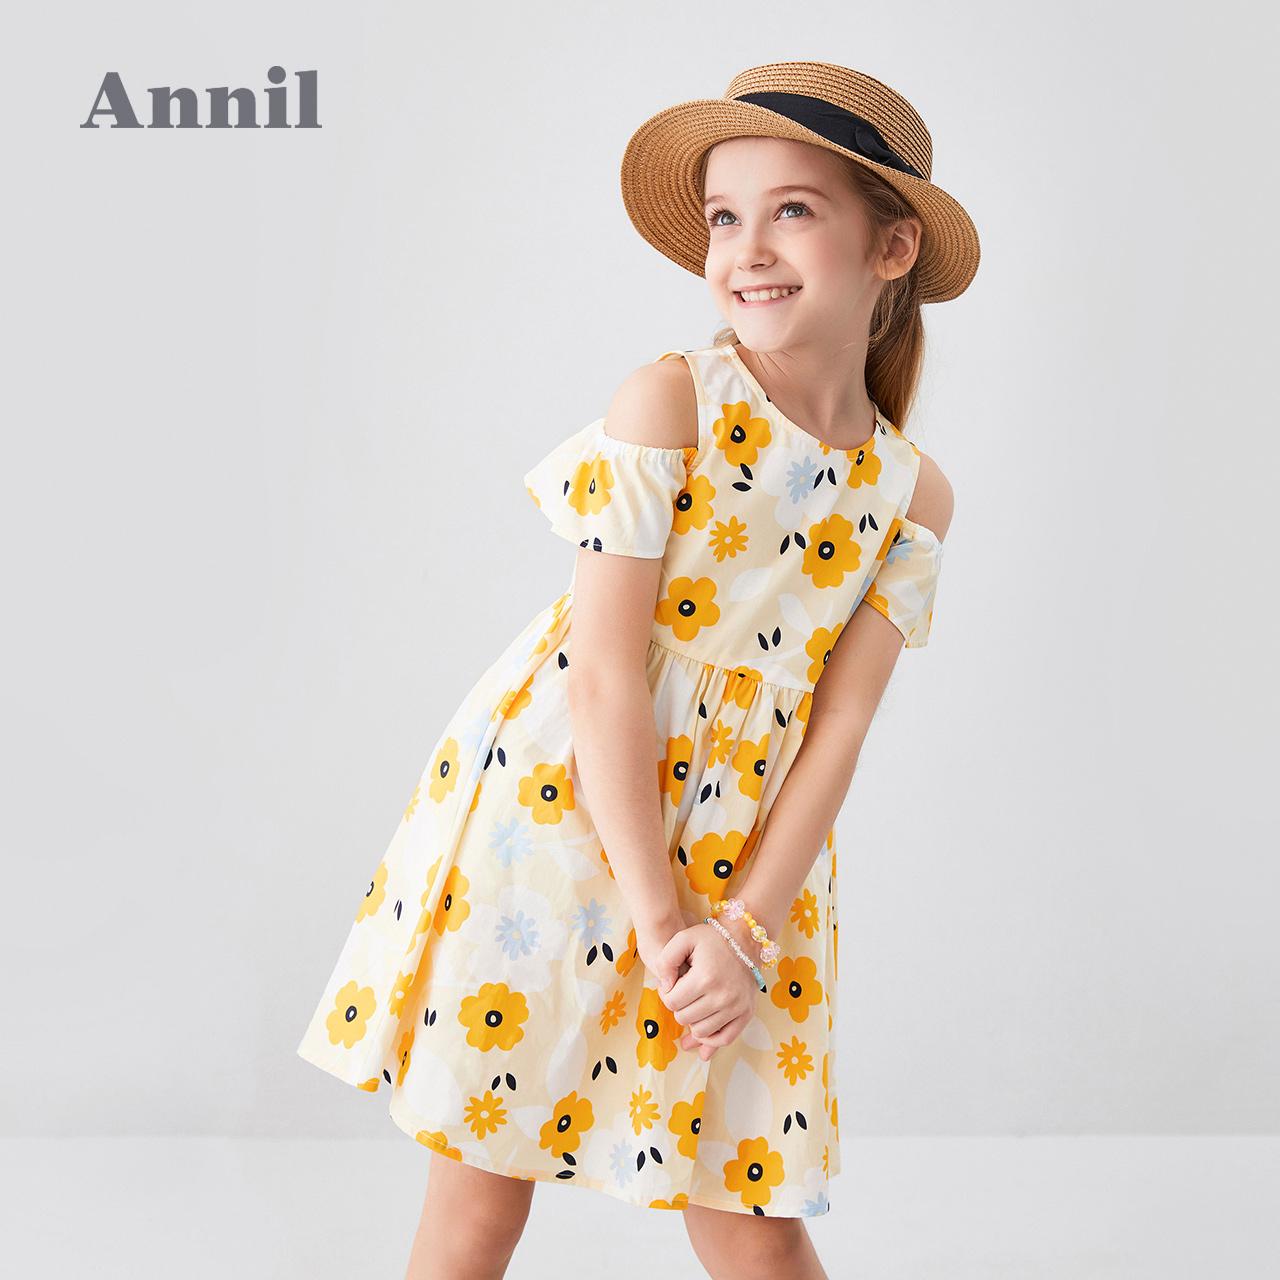 安奈儿童装女童连衣裙纯棉2020夏季新款洋气碎花中大童女孩裙透气